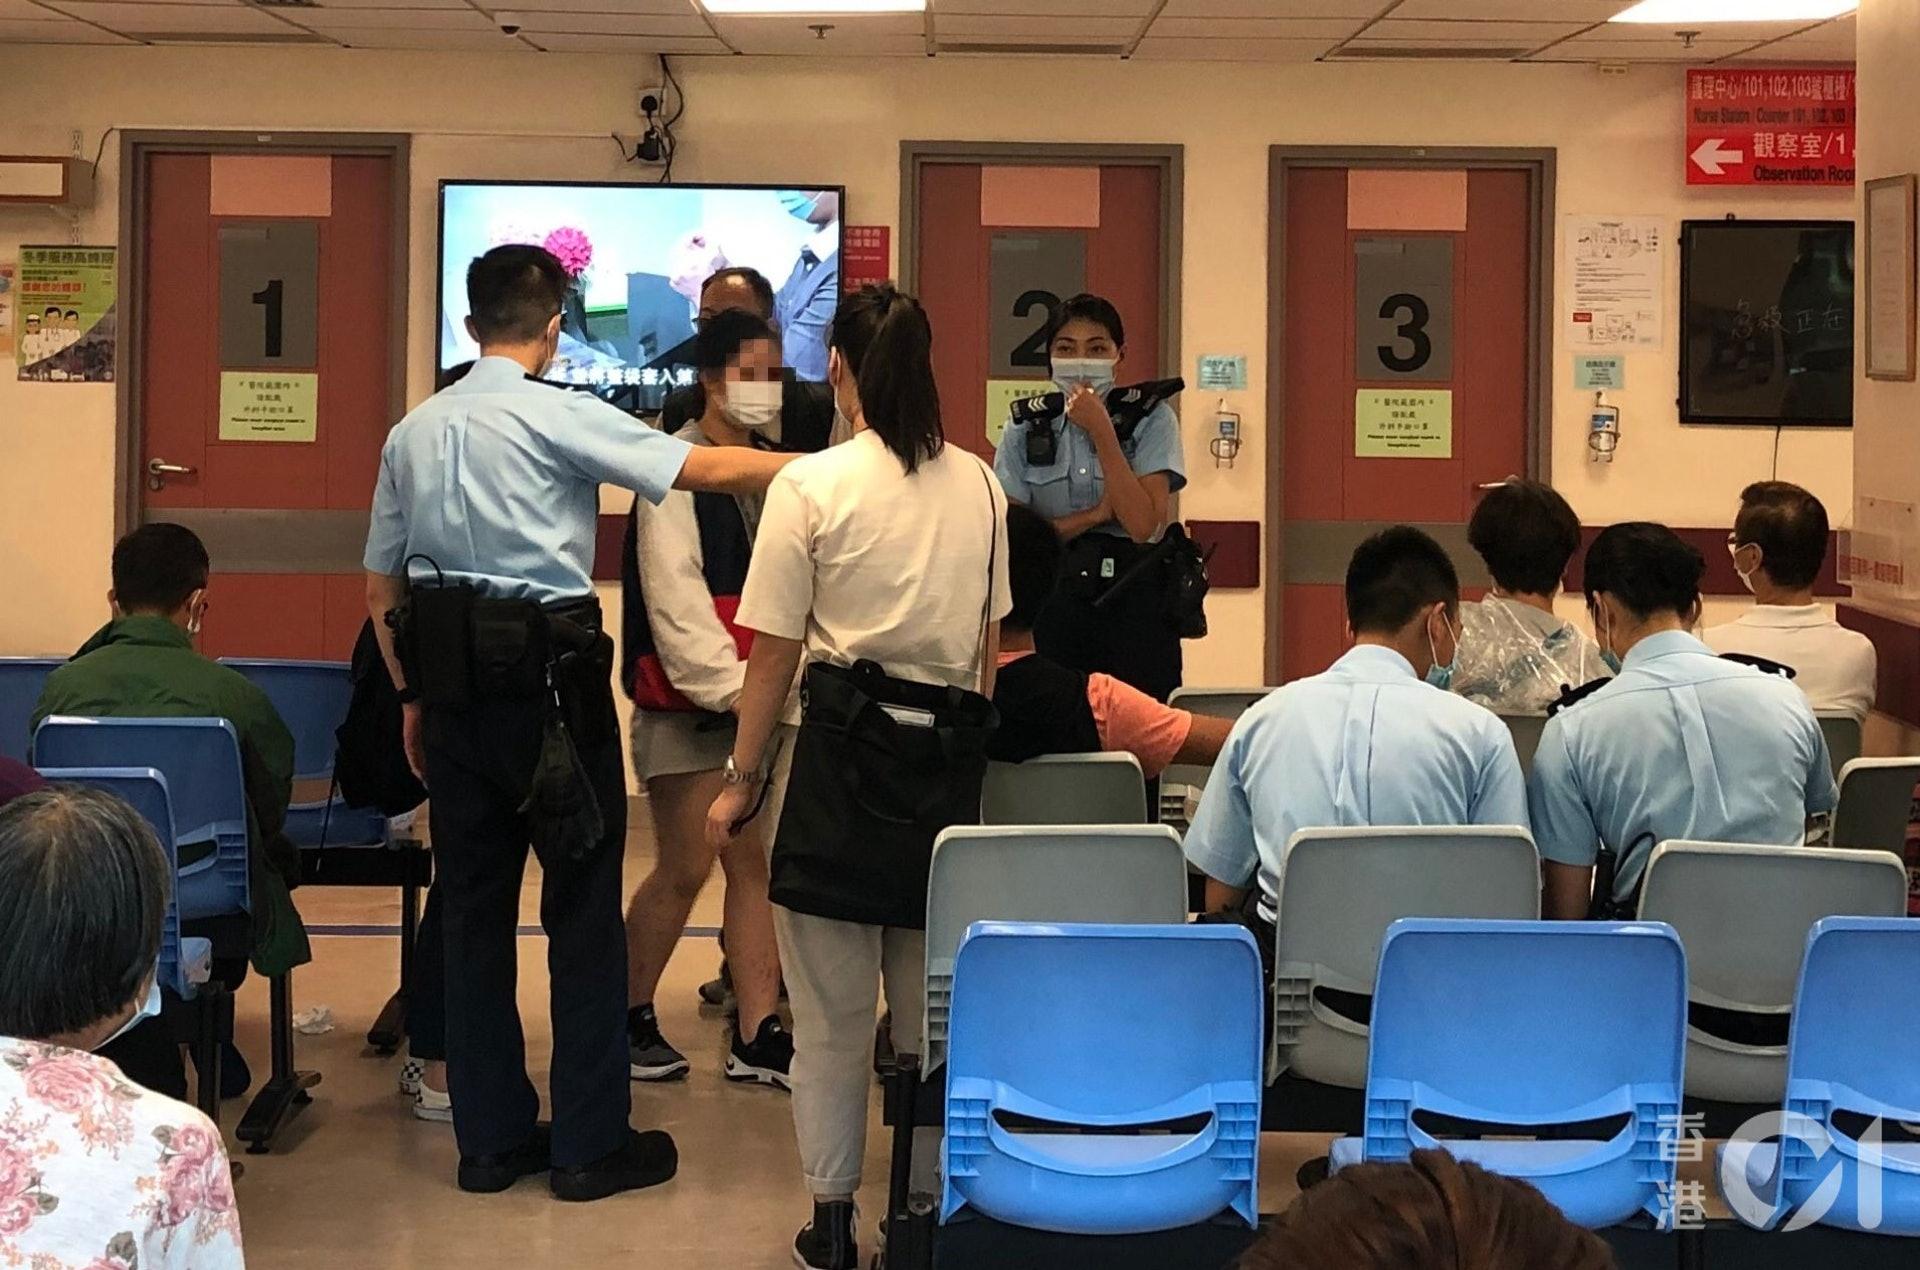 警員接報到場,以傷人罪名拘捕少女,事後少女由救護車送院治理。(鄧詠中攝)